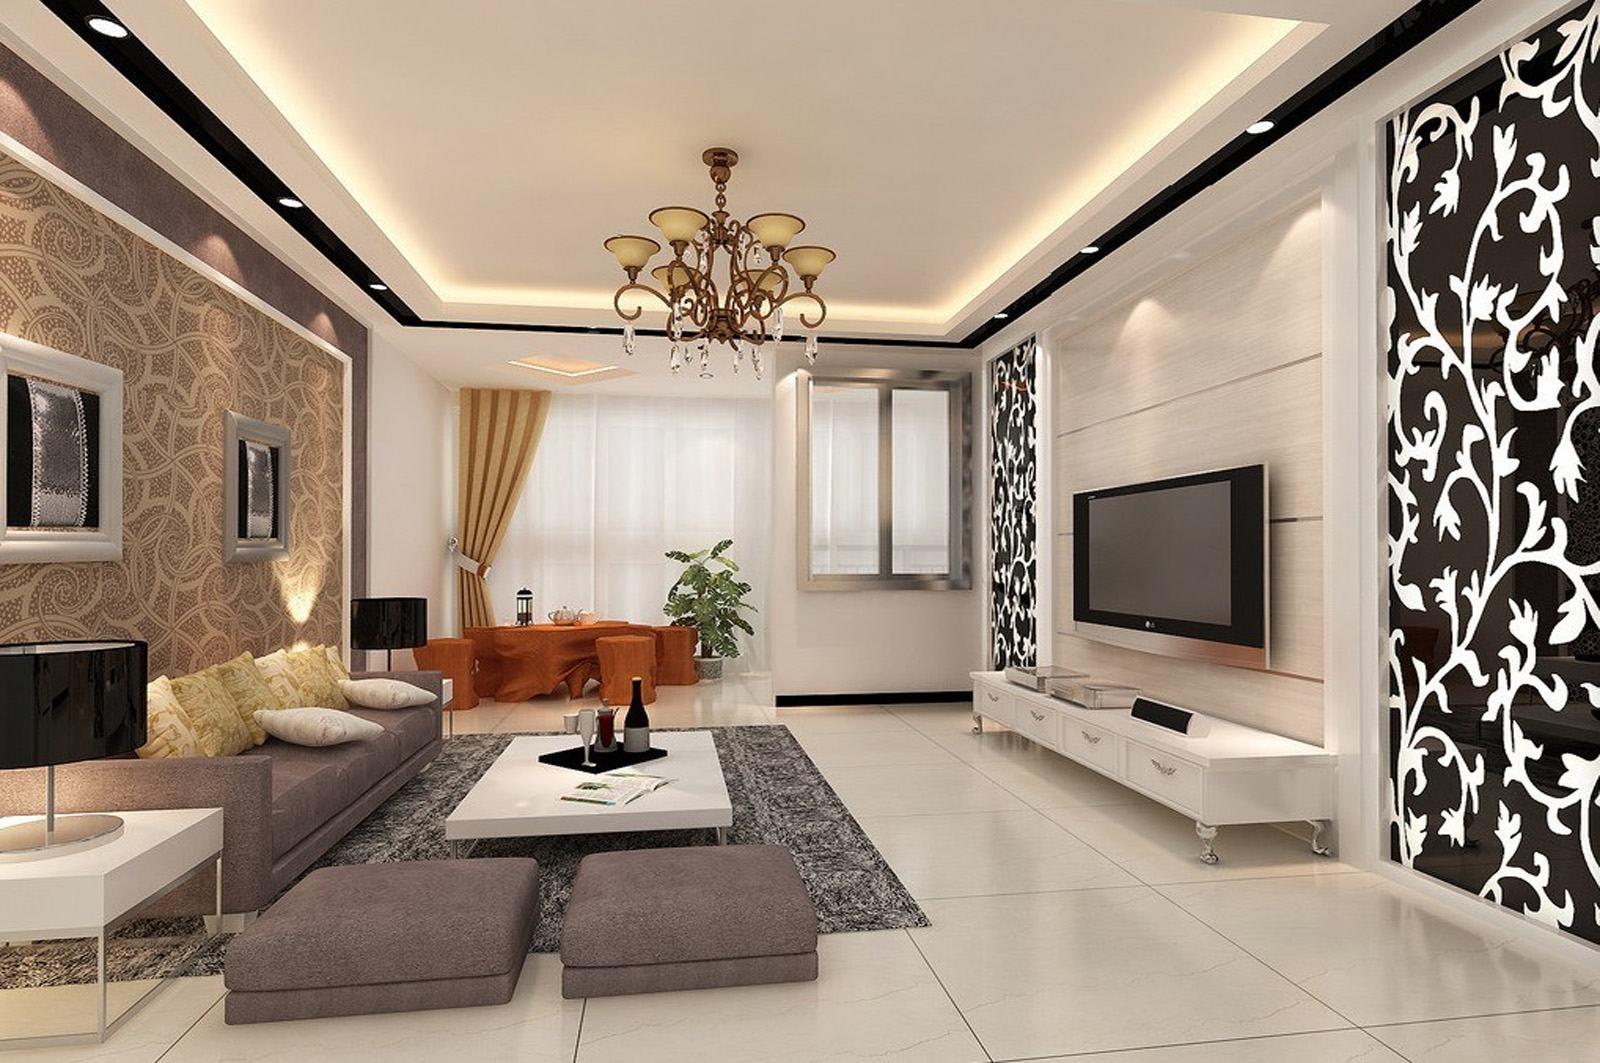 #926139  For Móveis de Decoração de salas pequenas Cores para decoração de 1600x1063 píxeis em Como Decorar Uma Sala De Tv Com Papel De Parede